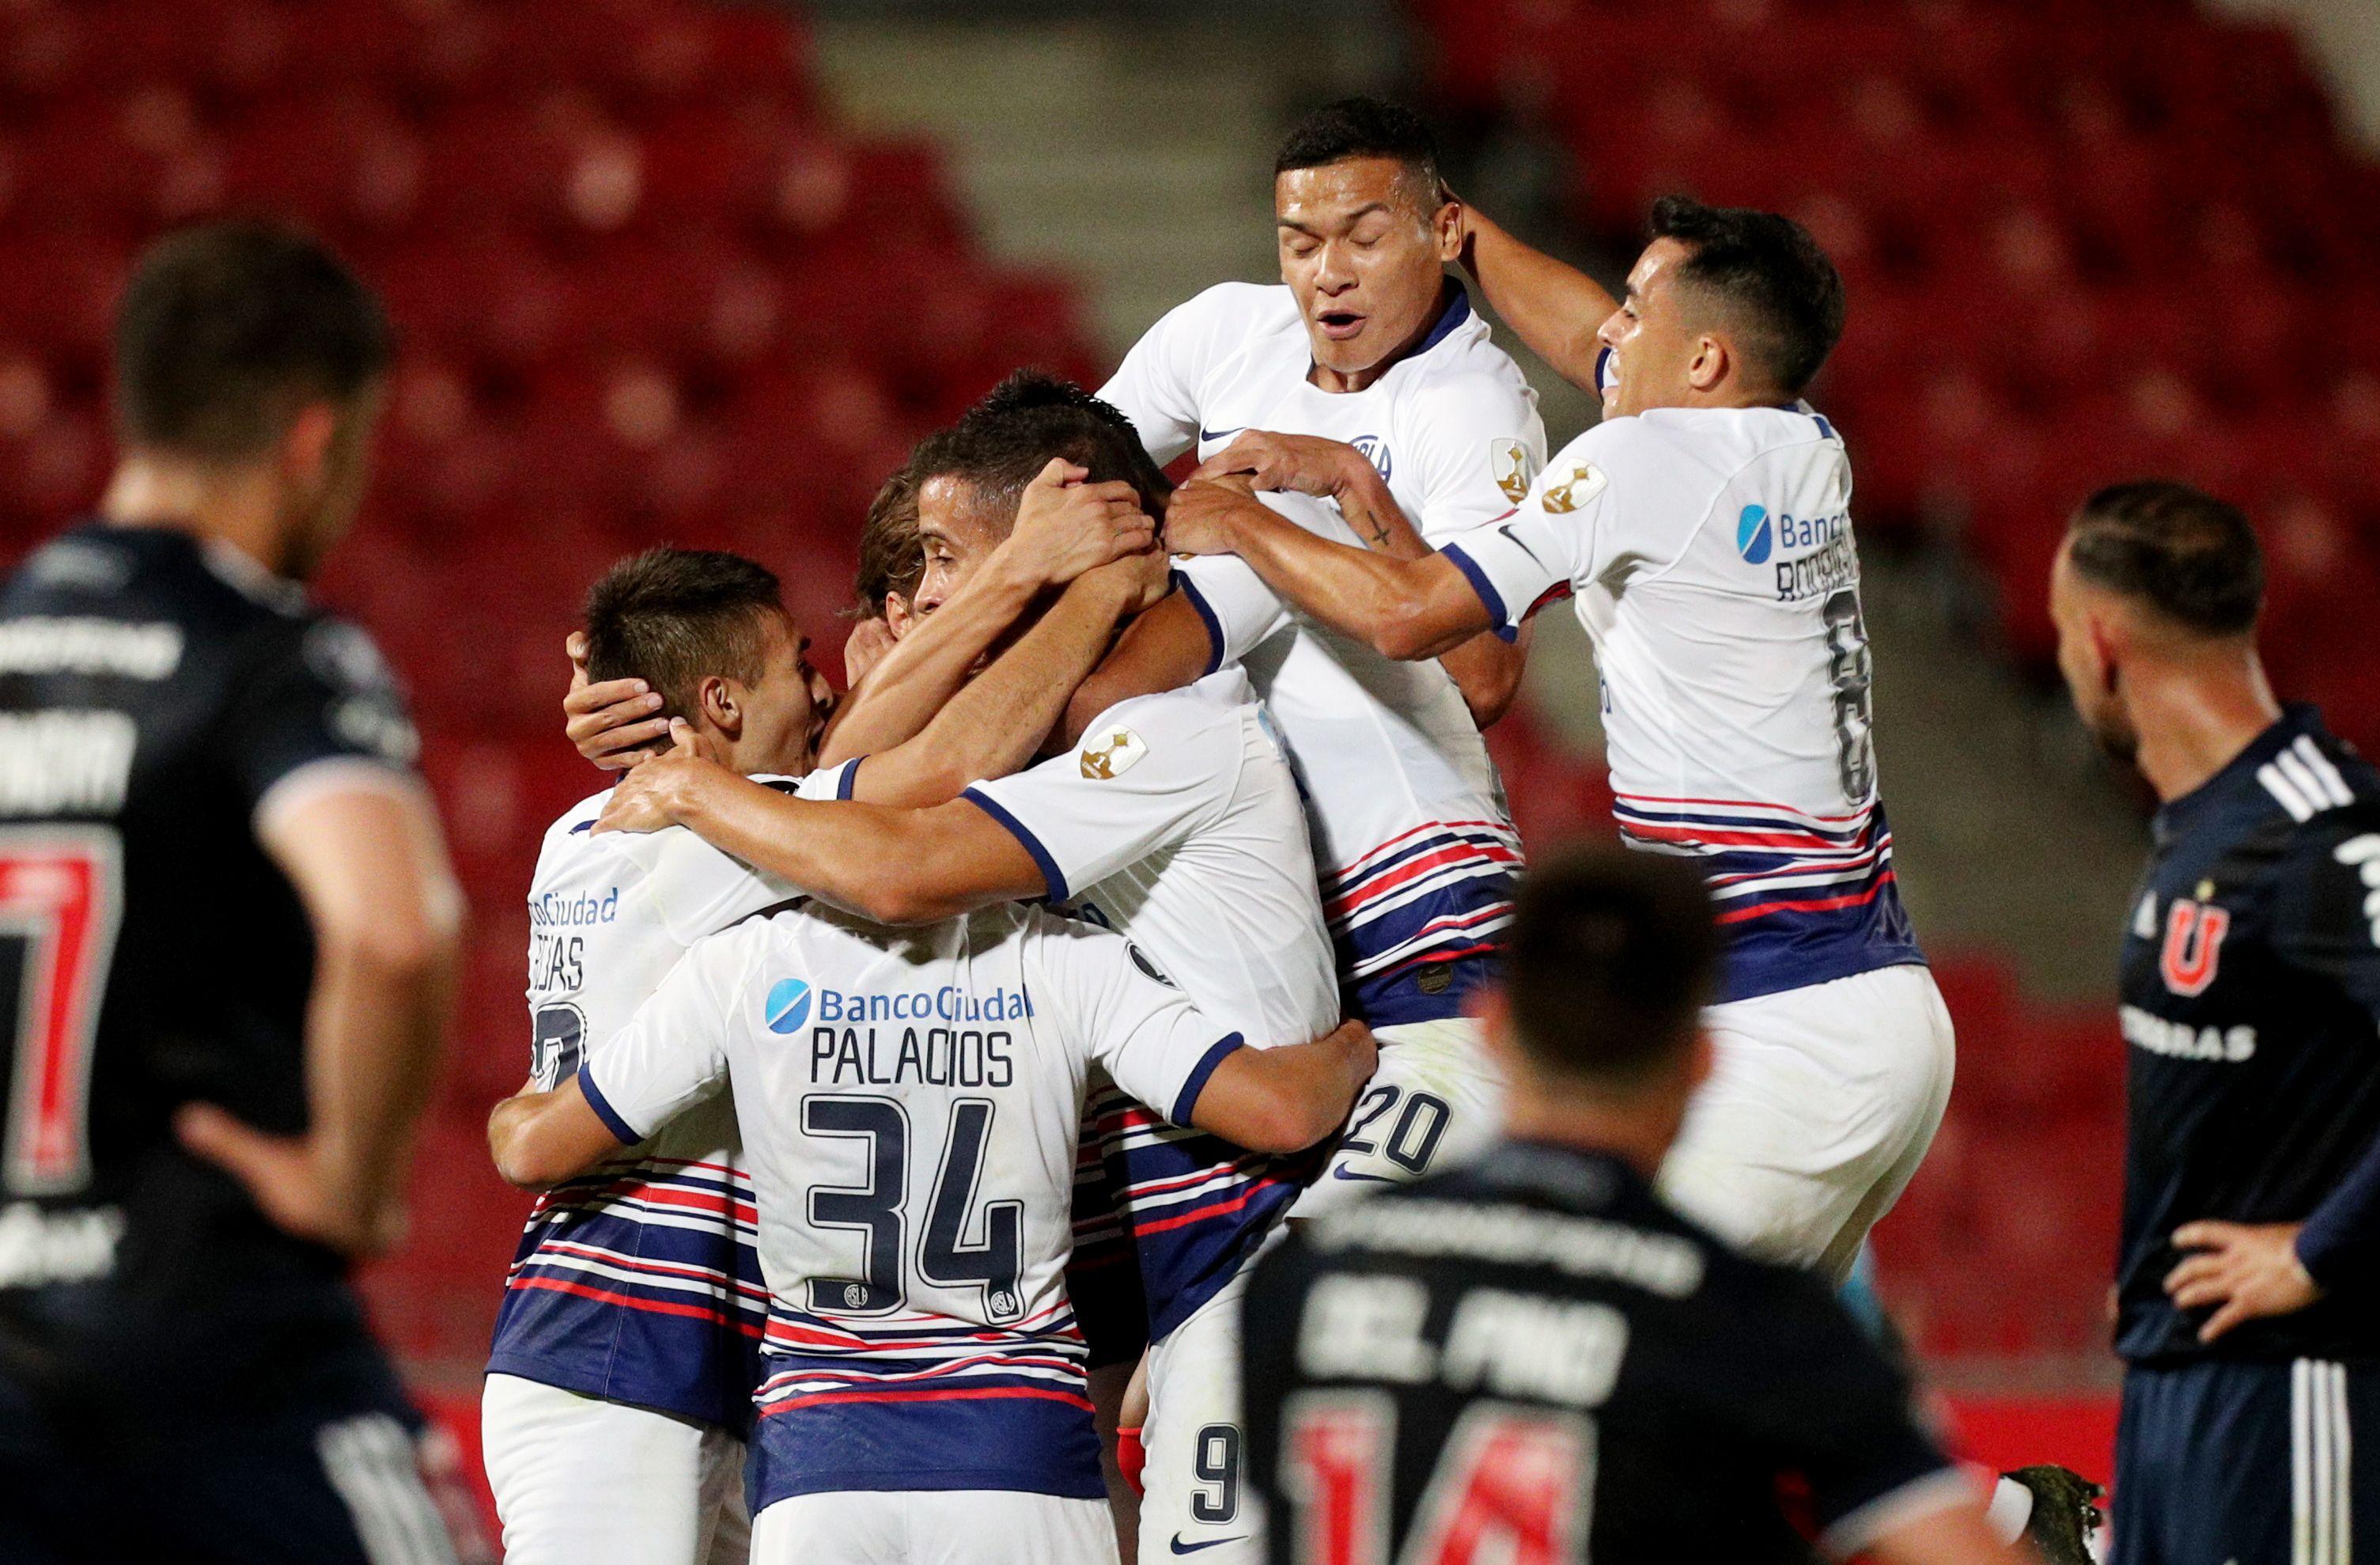 Todo San Lorenzo abraza a Franco Di Santo, el autor del gol del empate en Chile ante la U. (REUTERS/Esteban Felix)